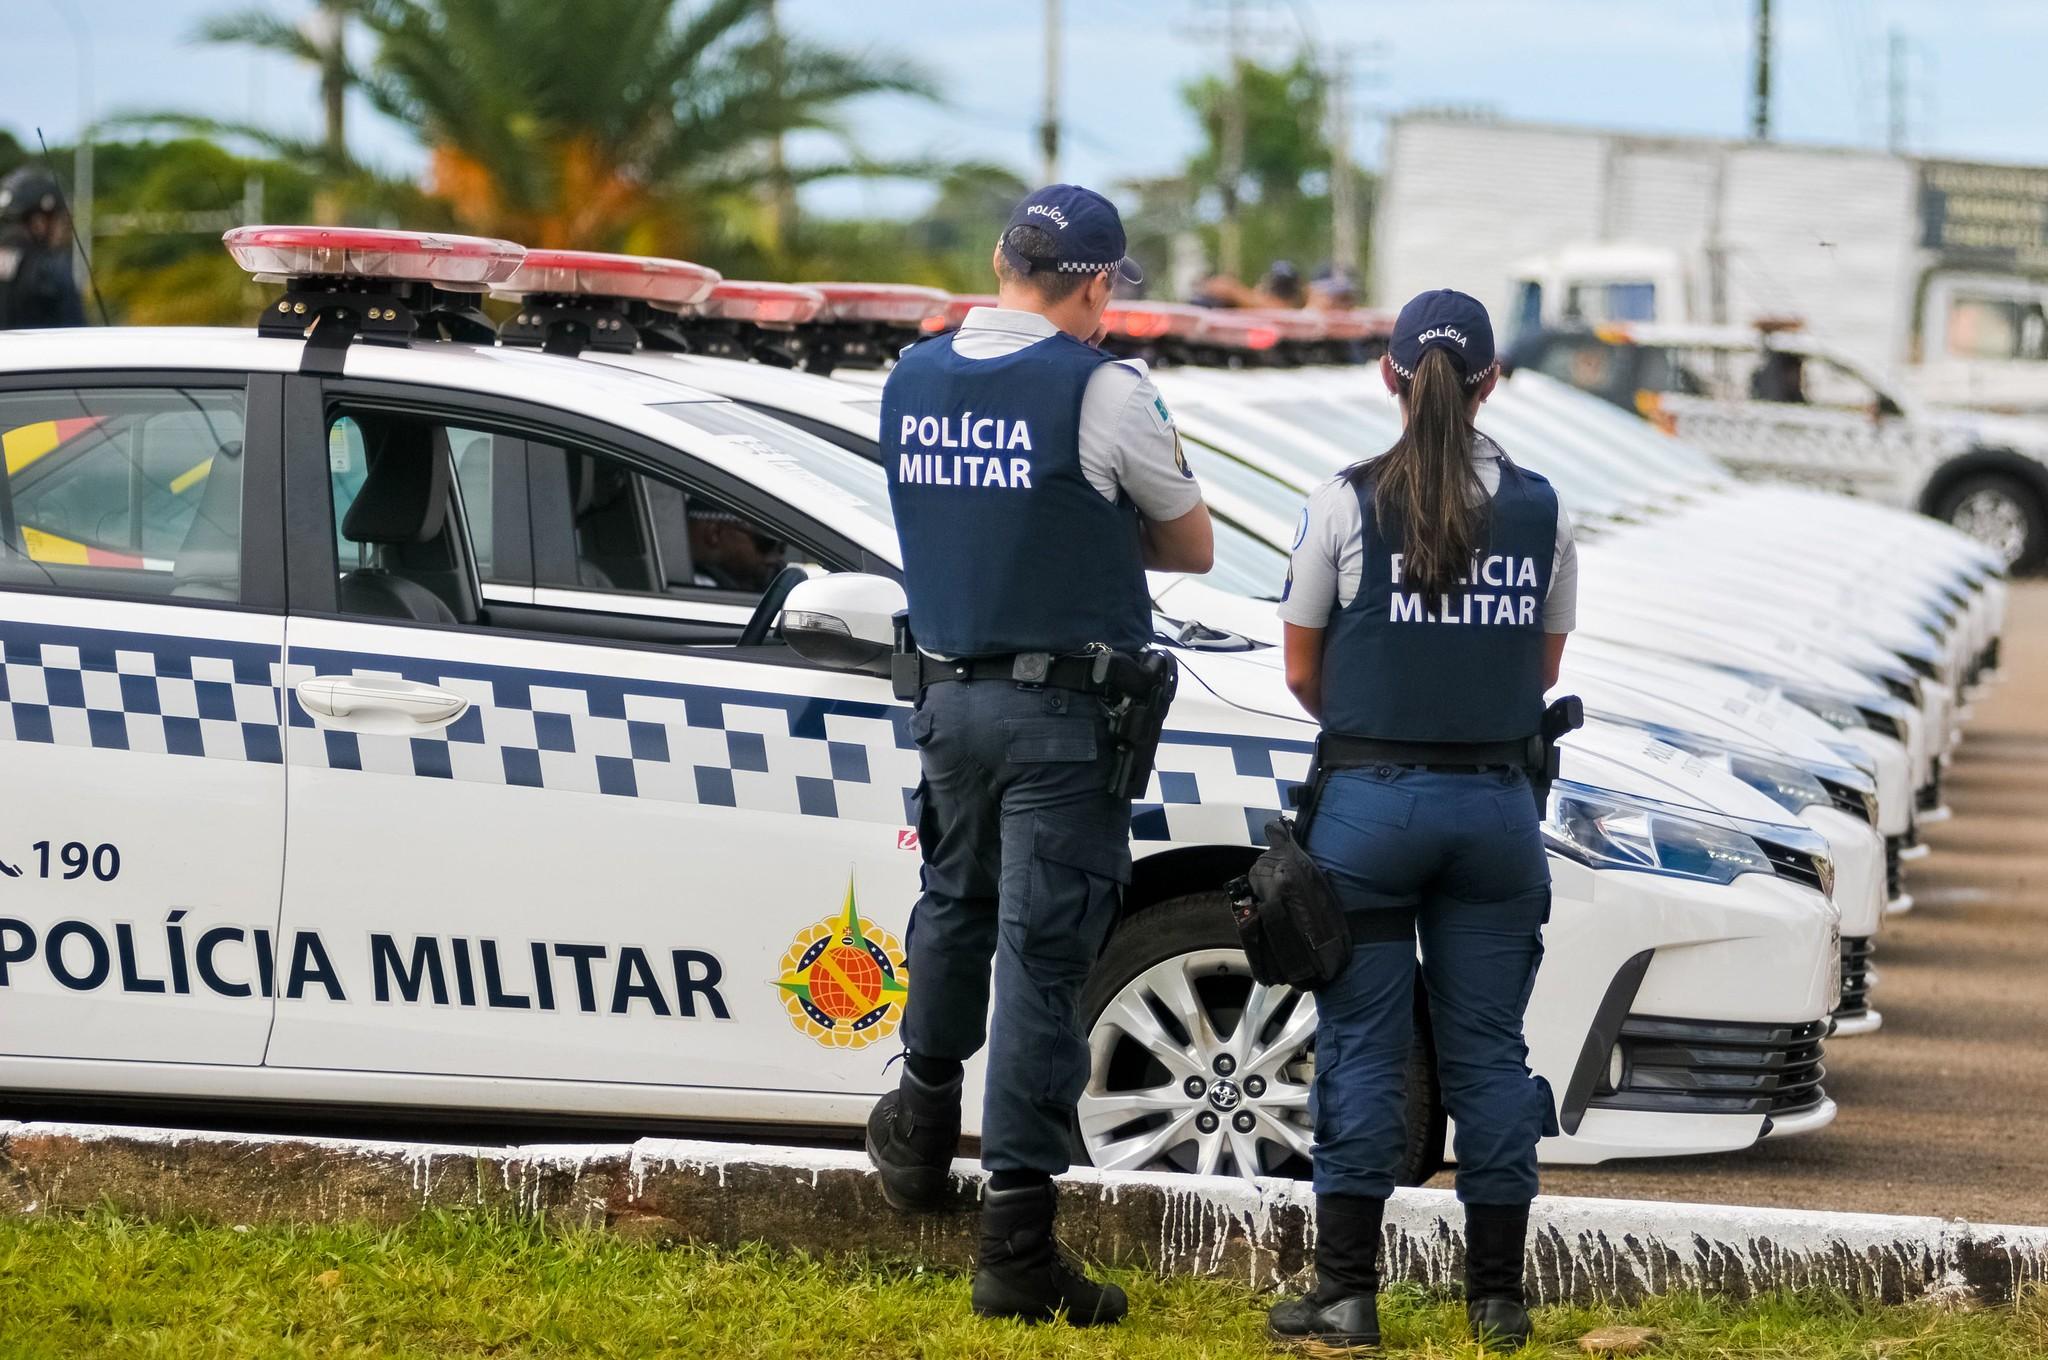 Reajuste de policiais e bombeiros do DF terá impacto de R$ 505 milhões; falta sanção de Bolsonaro